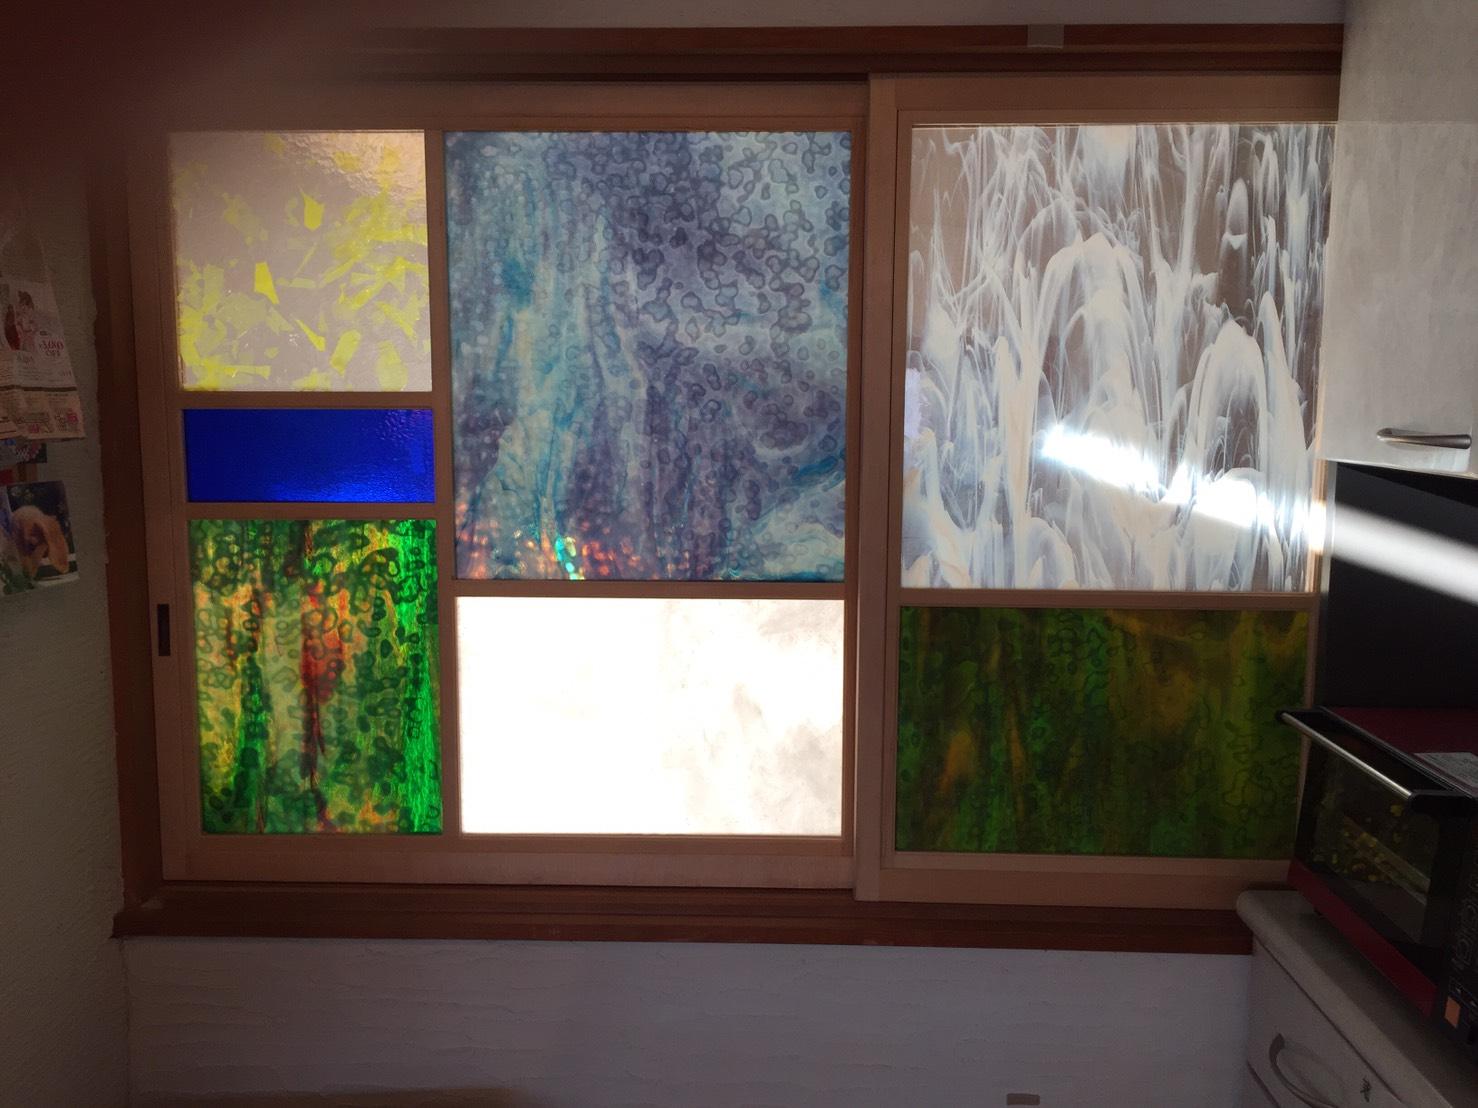 2Fキッチン窓(ステンドガラスから朝陽が)